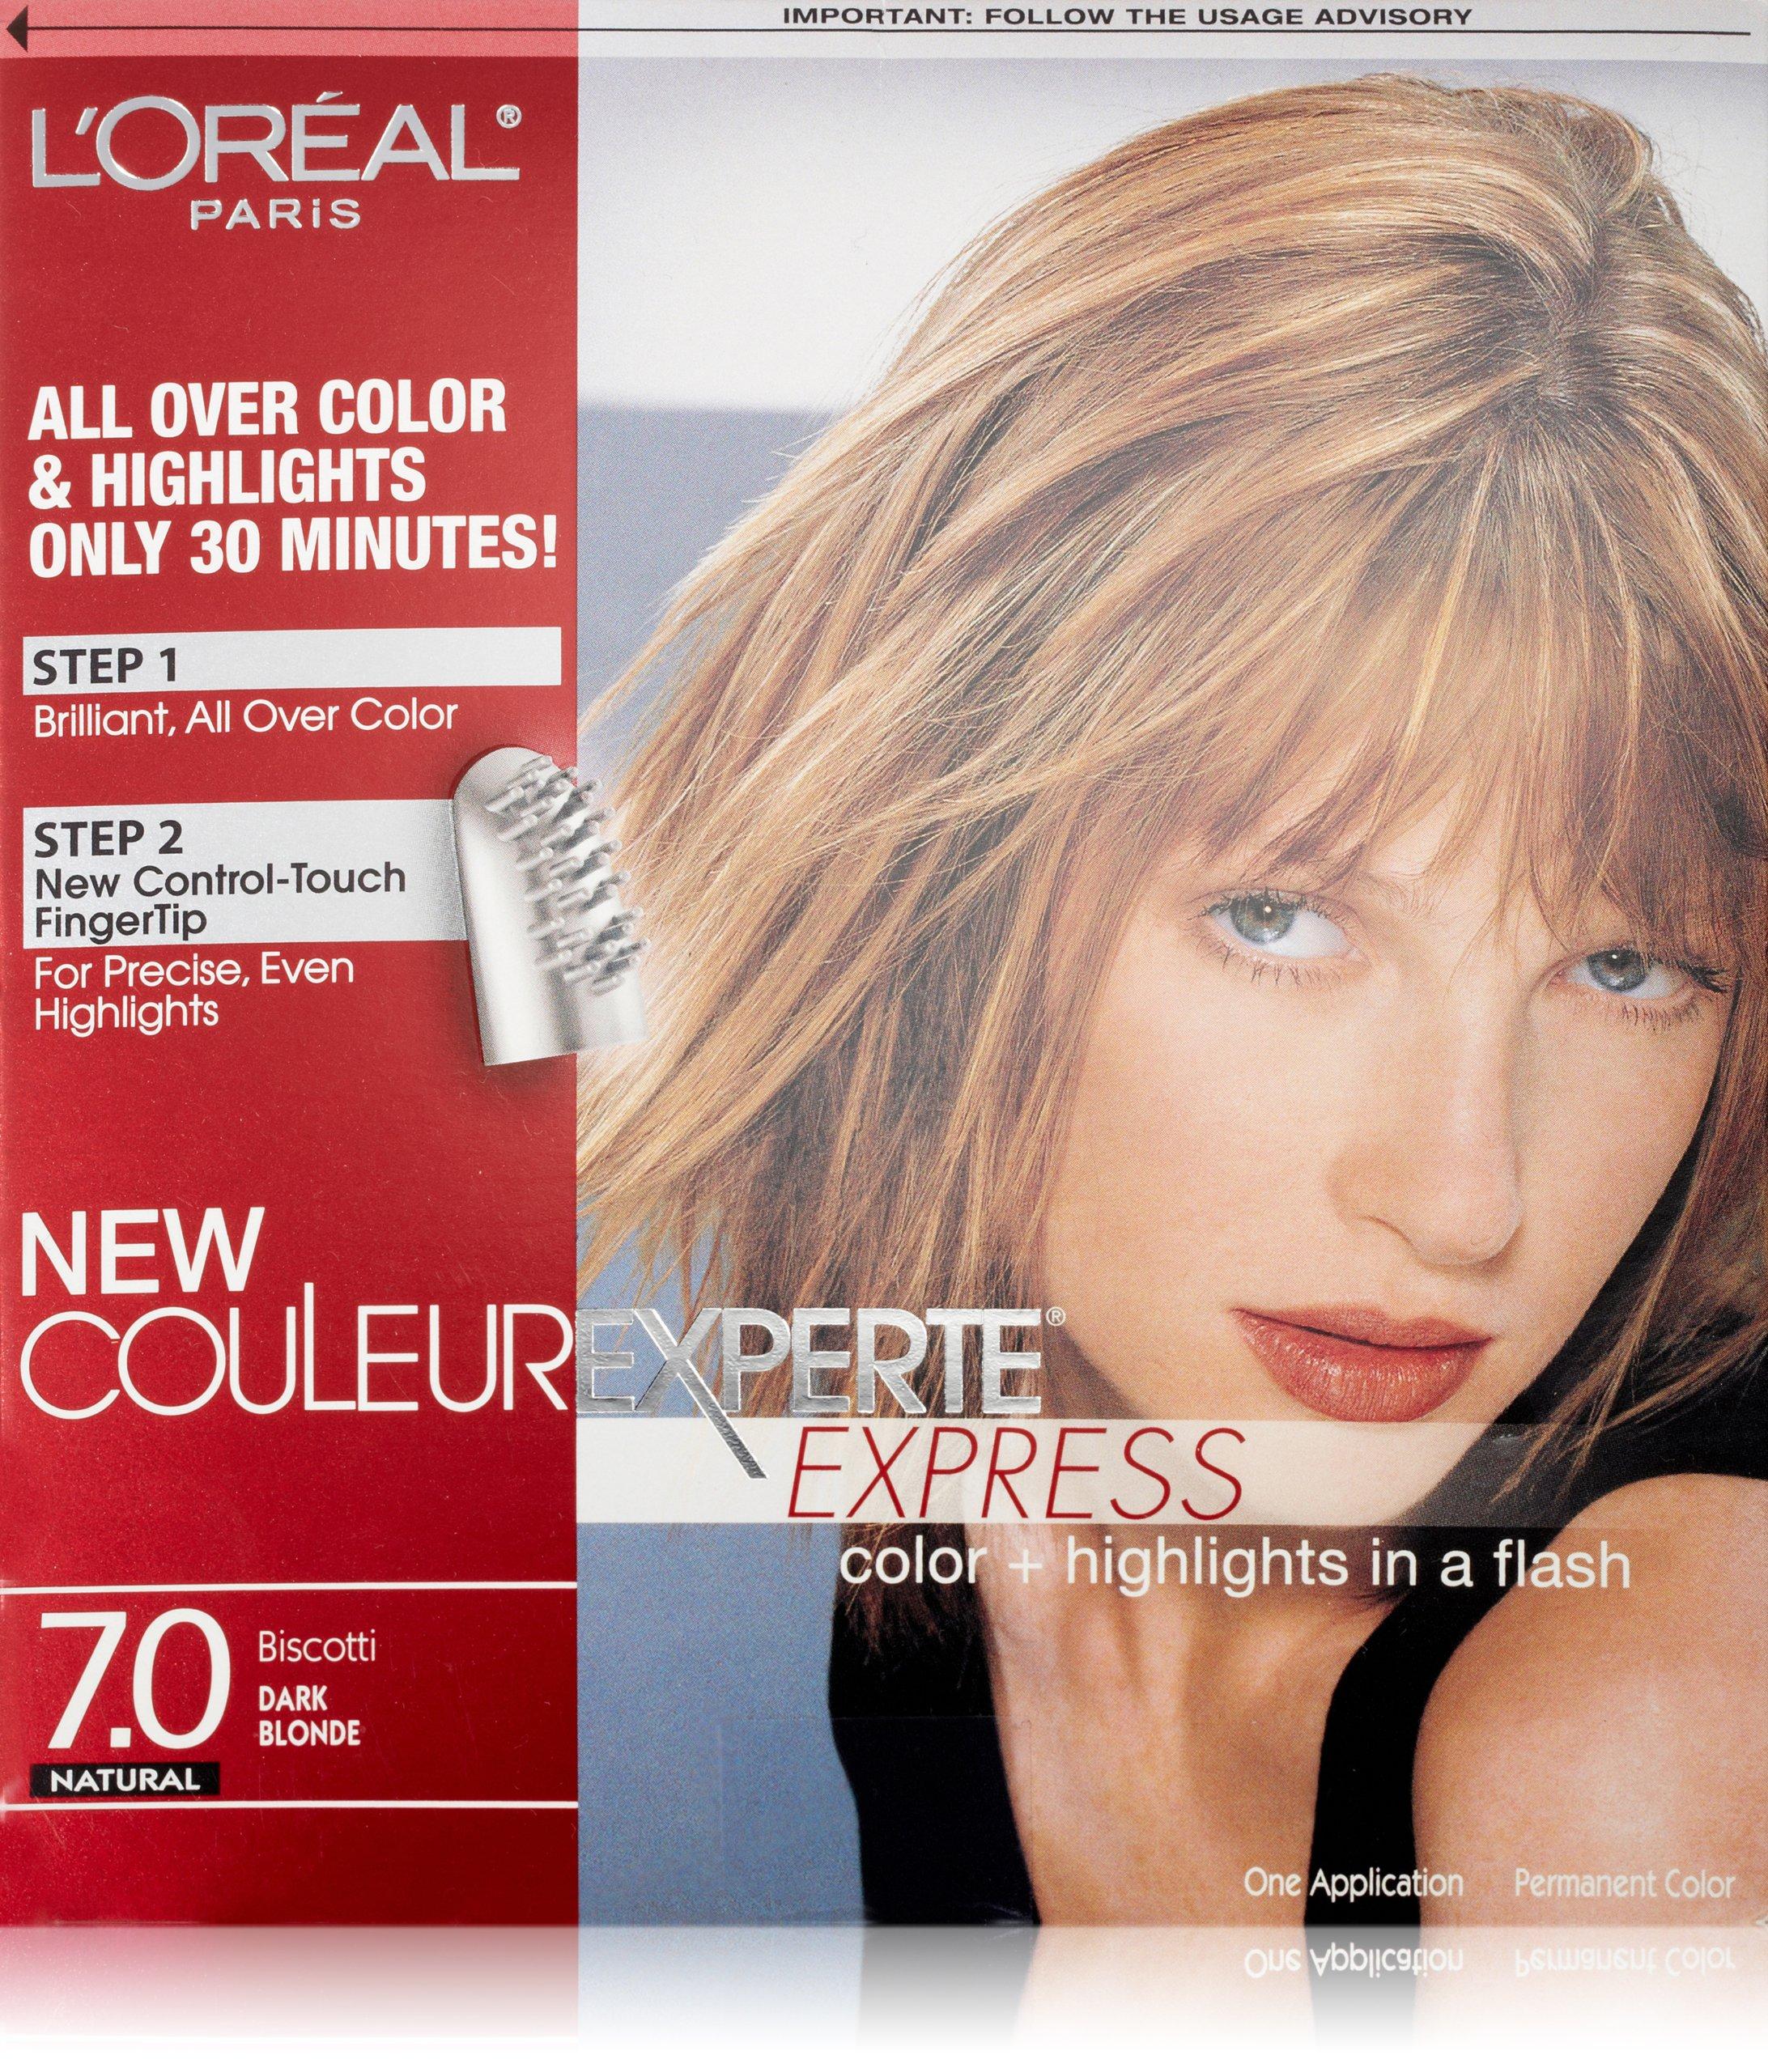 Amazon Loral Paris Couleur Experte Hair Color Hair